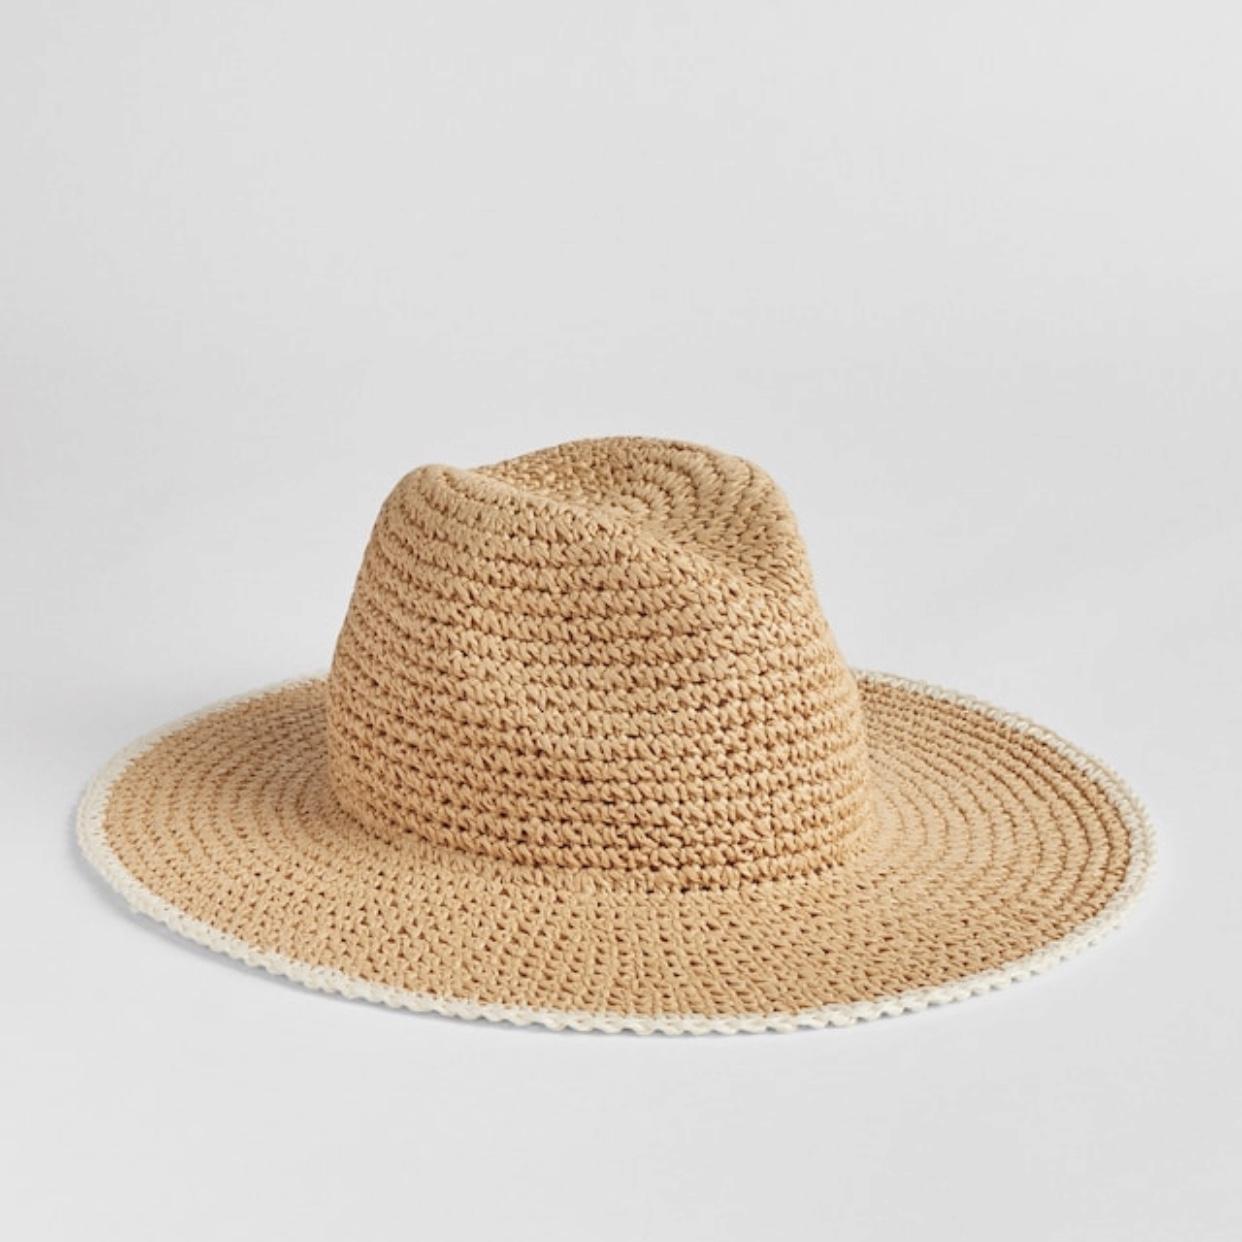 Gap Floppy Straw Hat